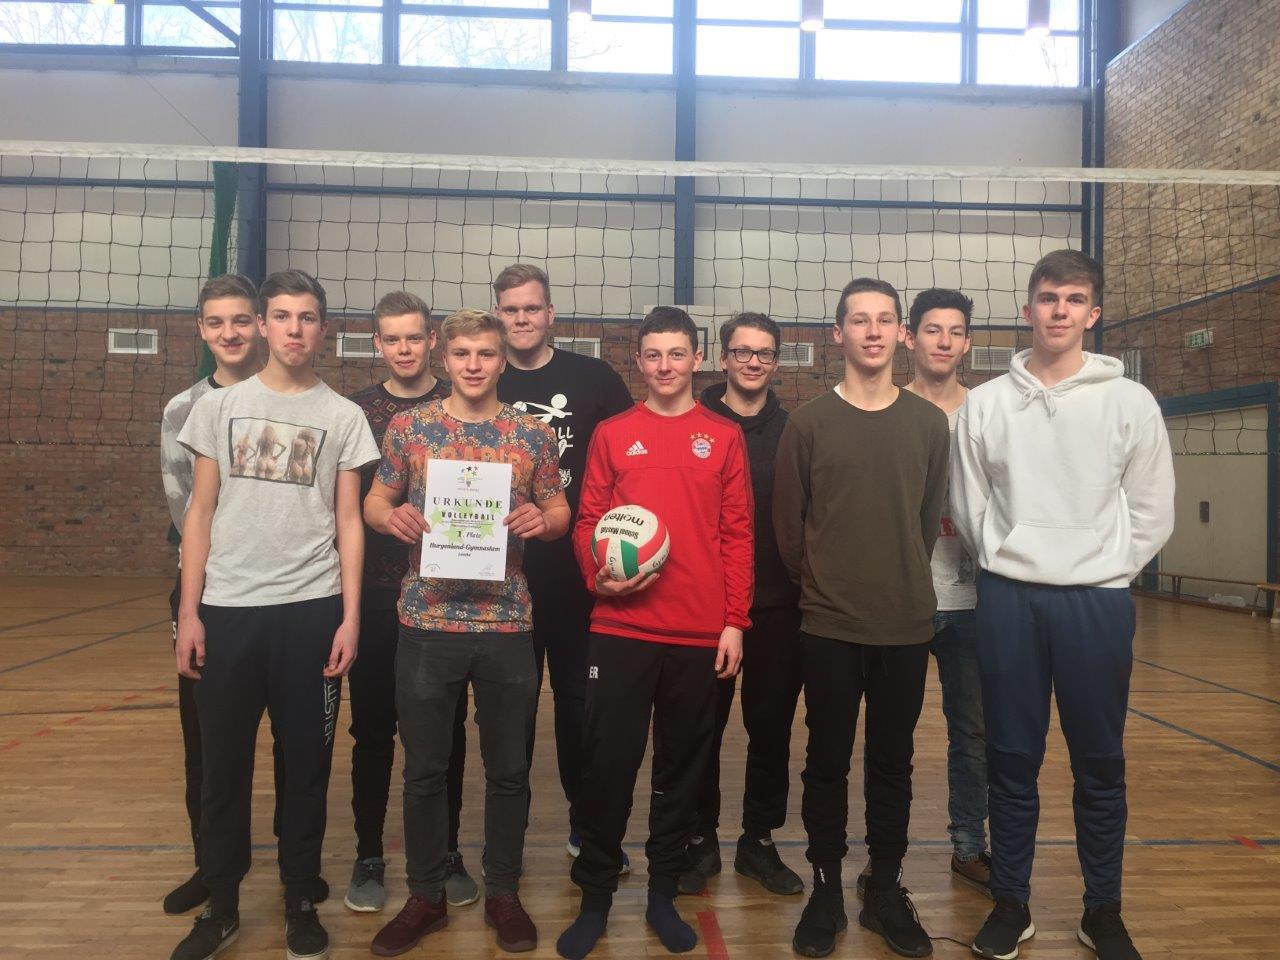 Jugend trainiert für Olympia – Volleyball Jungen